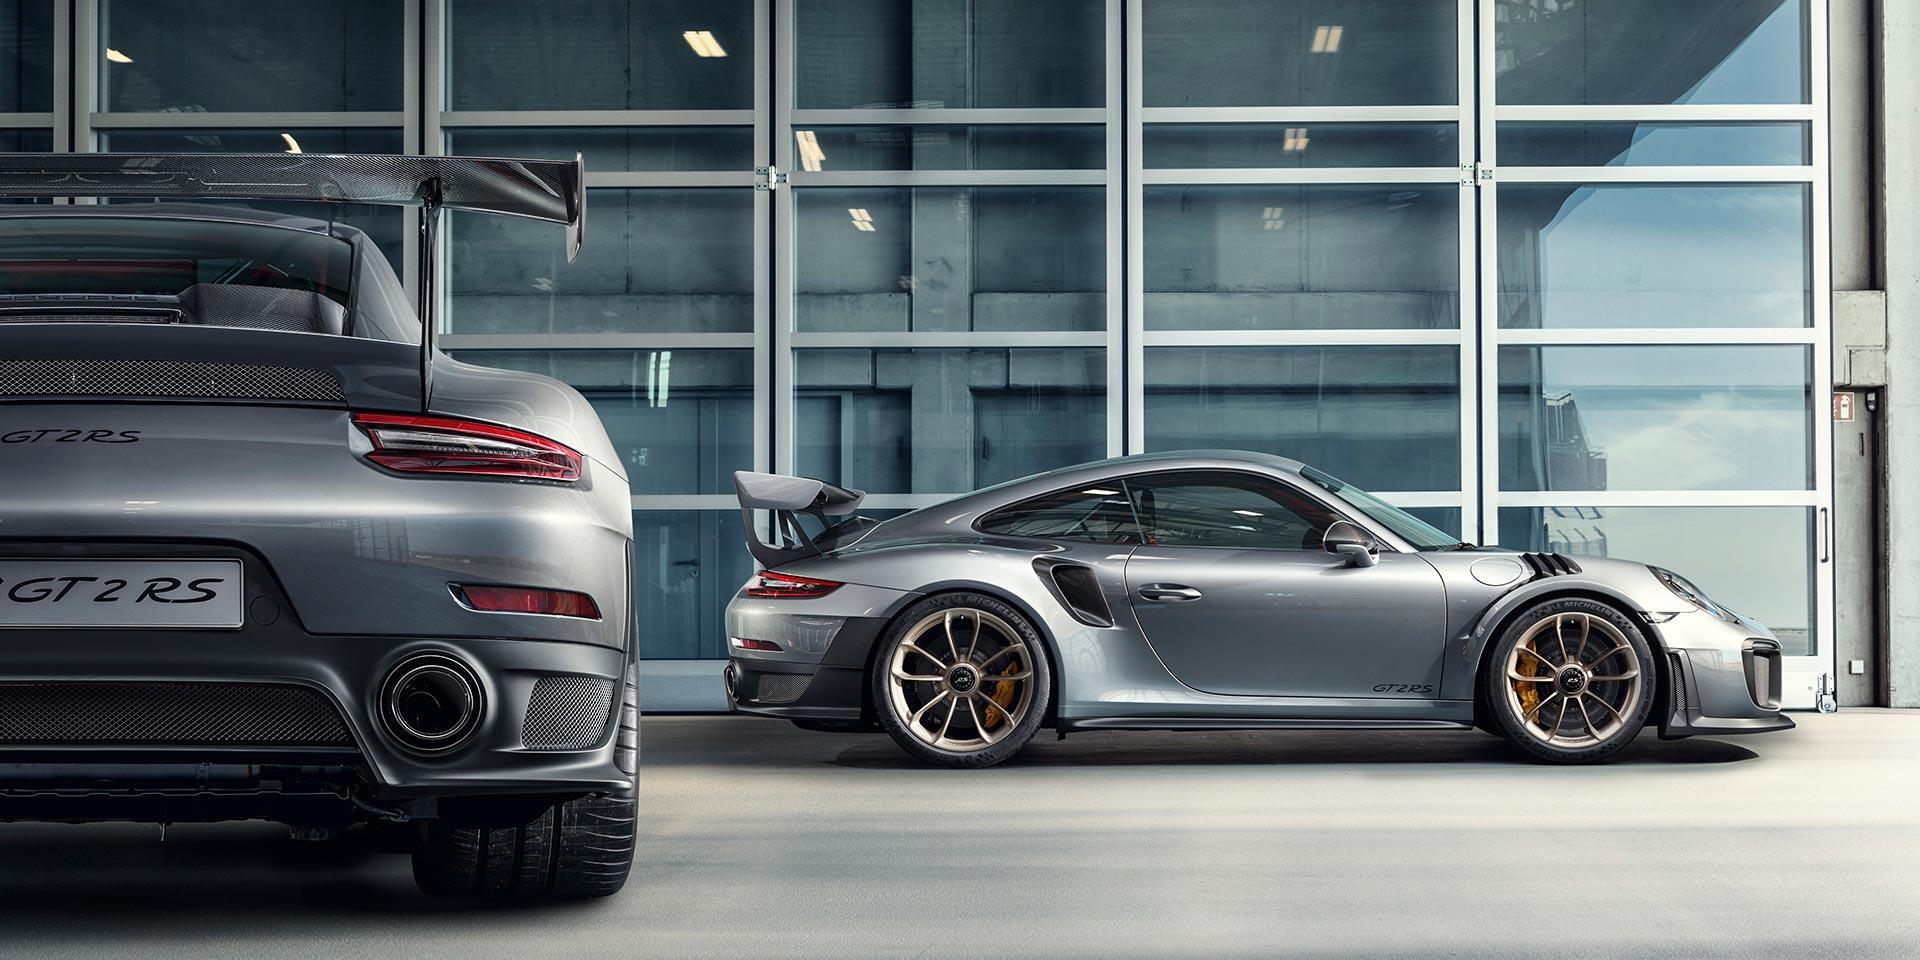 Super Supersportwagen Porsche Bringt Den Neuen 911 Gt Rs2